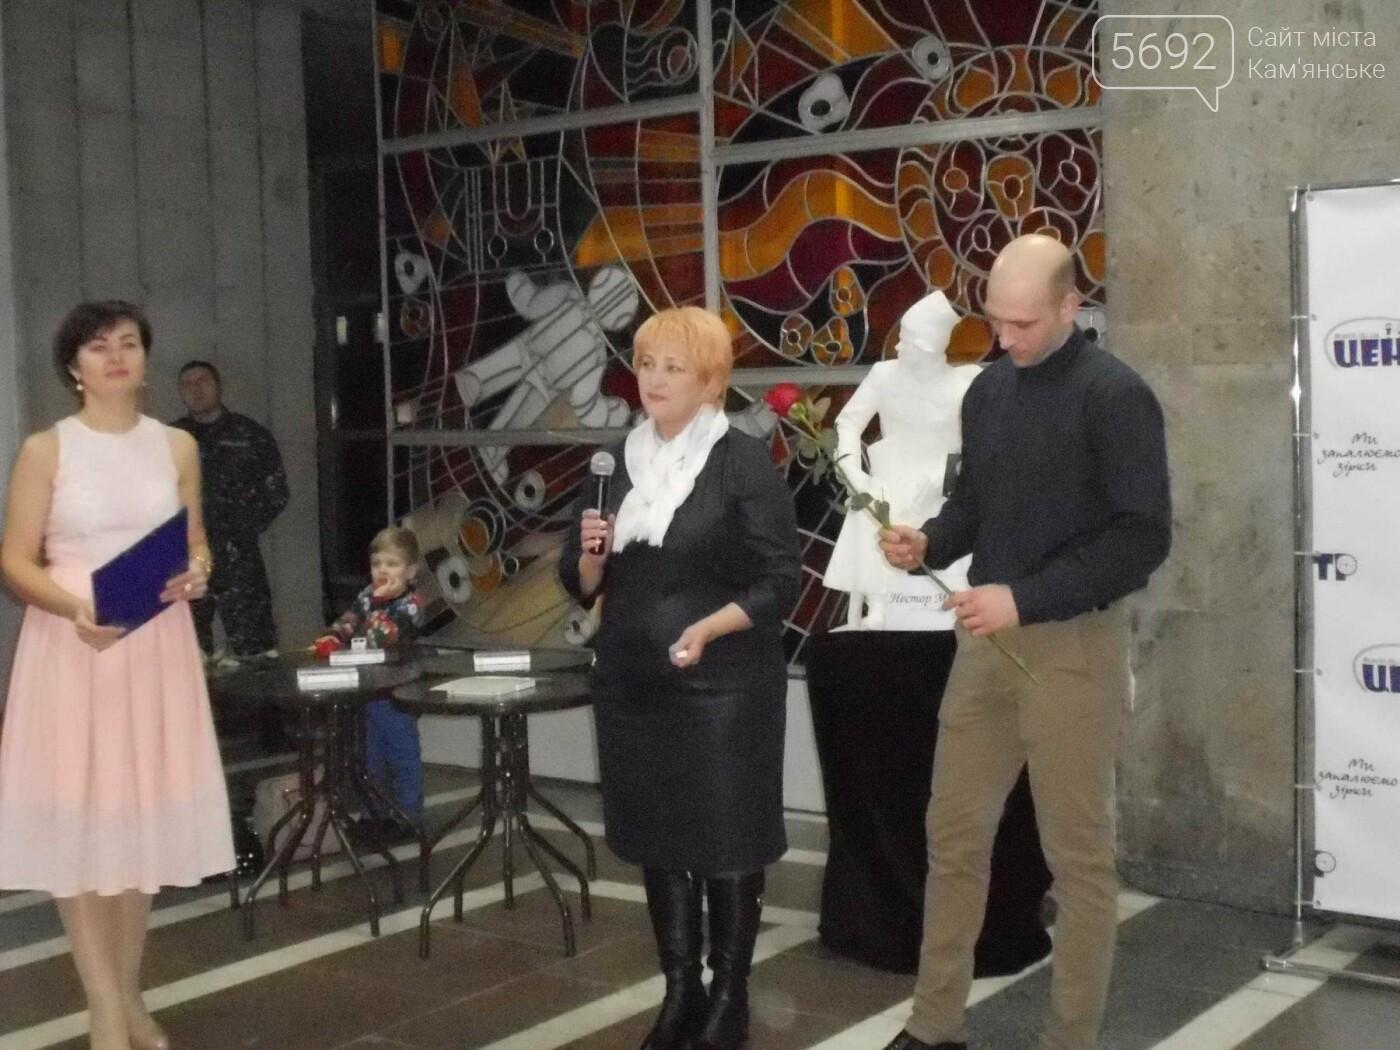 От пластилина до искусства: в Каменском открылась выставка скульптора Сергея Болдова, фото-12